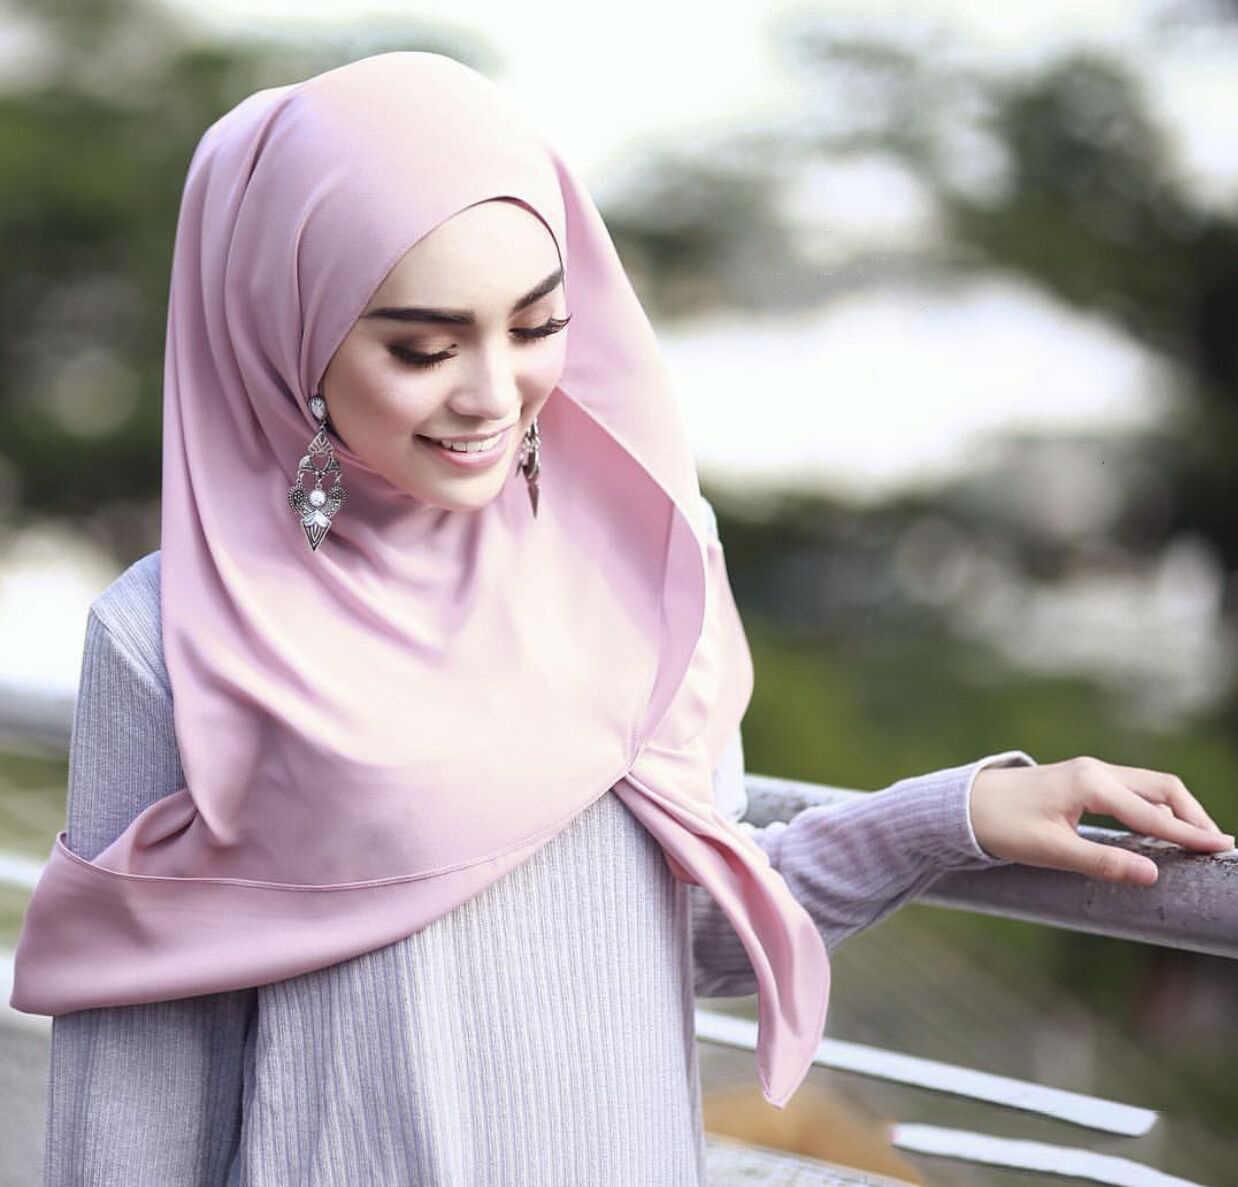 Sutra Bermutu Tinggi Higab Syal Sorban Satin Jilbab Velvet Ribbon Instan Selendang Baju Muslim Syal Untuk Wanita Muslim Islam Fashion Syal Pakaian Islamic Aliexpress